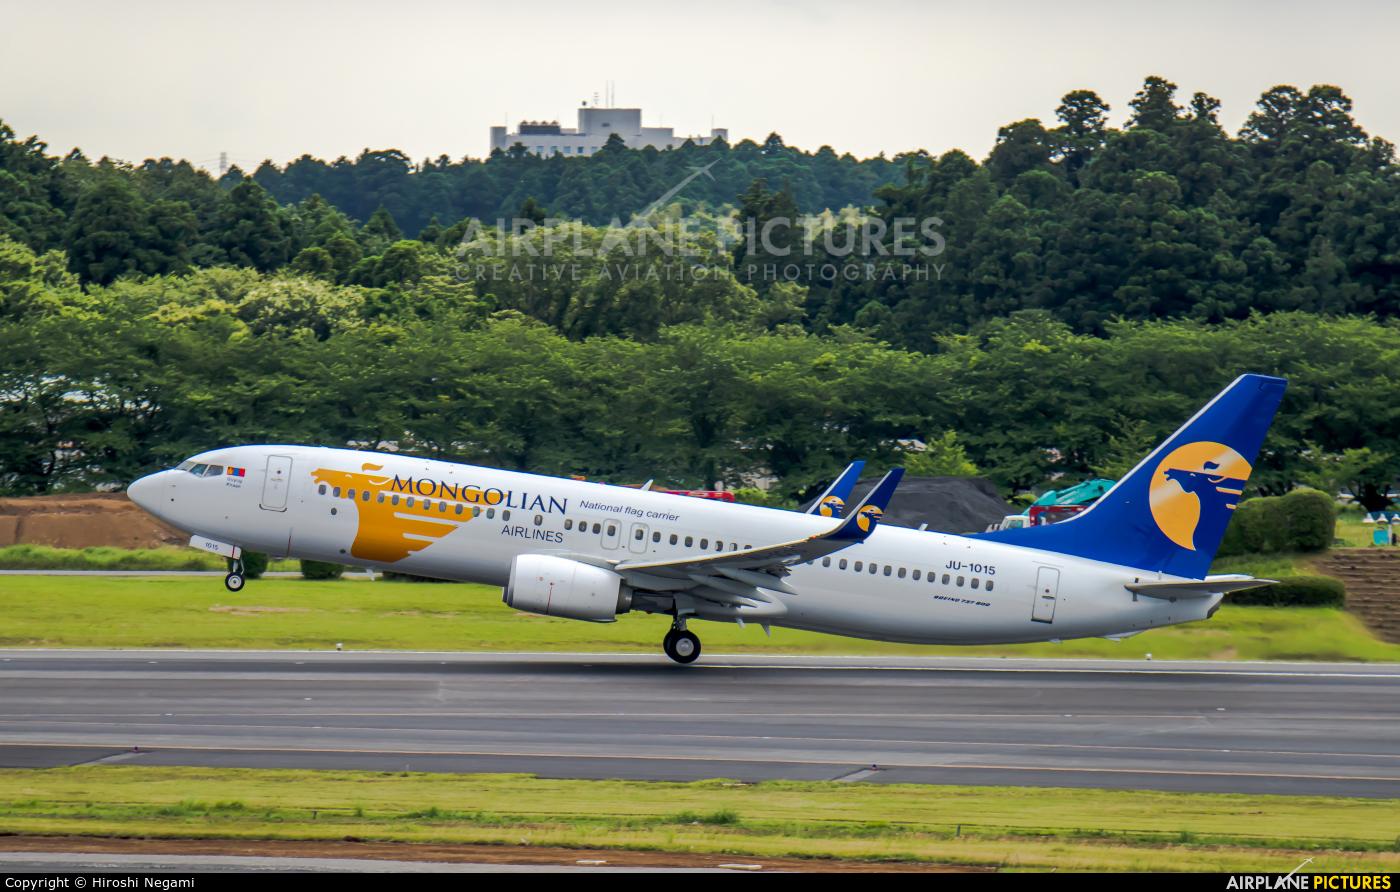 Mongolian Airlines JU-1015 aircraft at Tokyo - Narita Intl